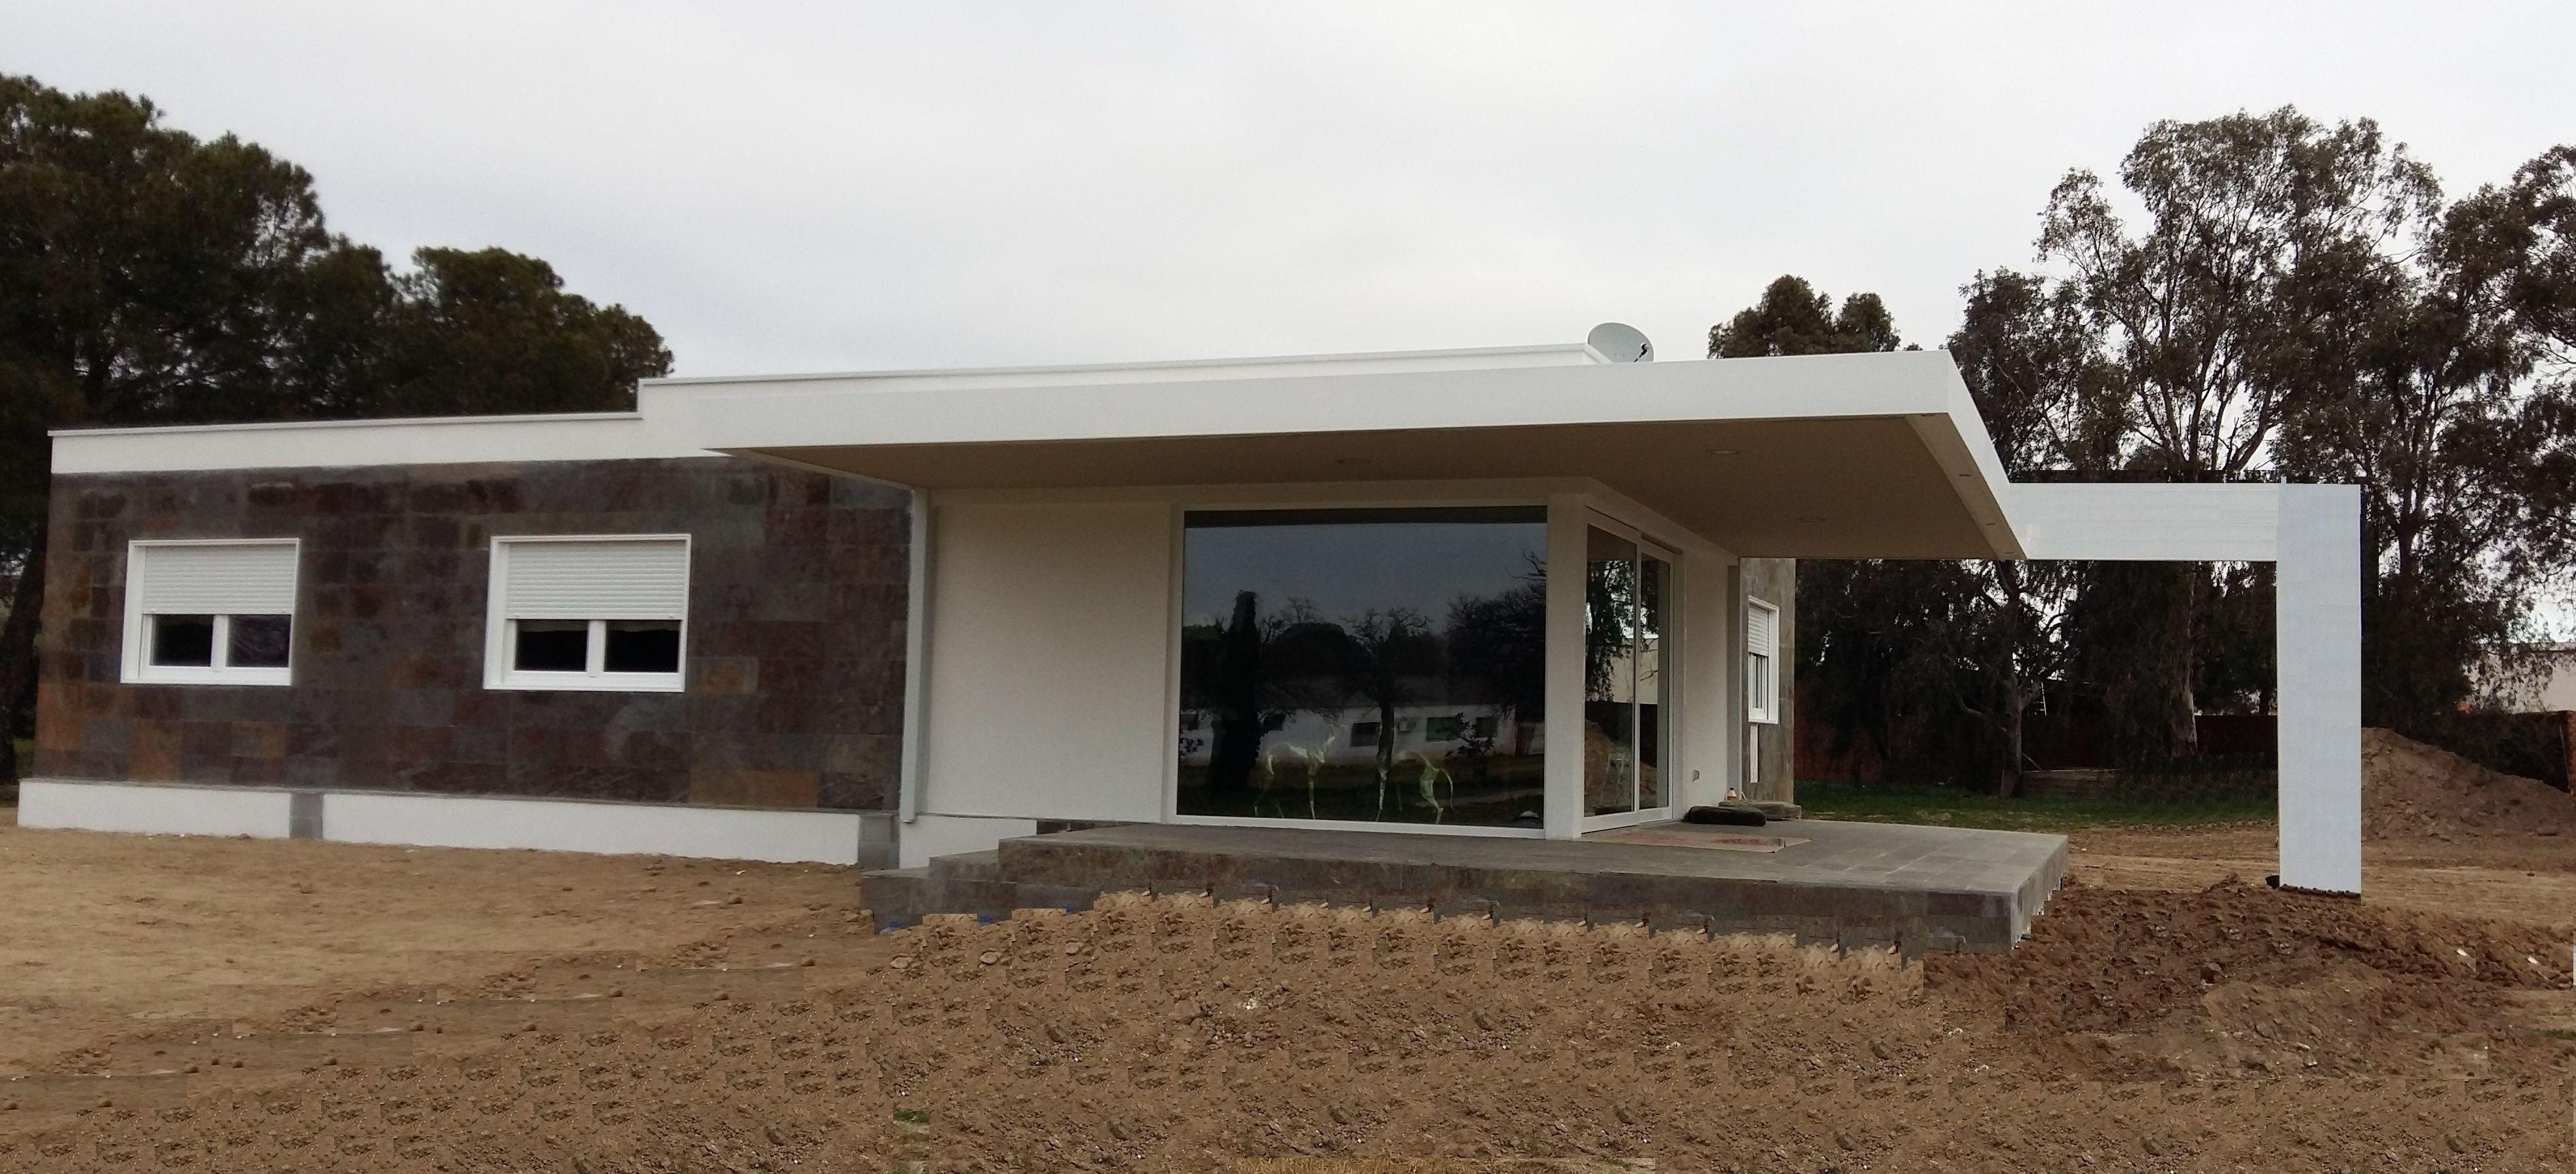 Foto 22 de Casas prefabricadas en  | Wigarma